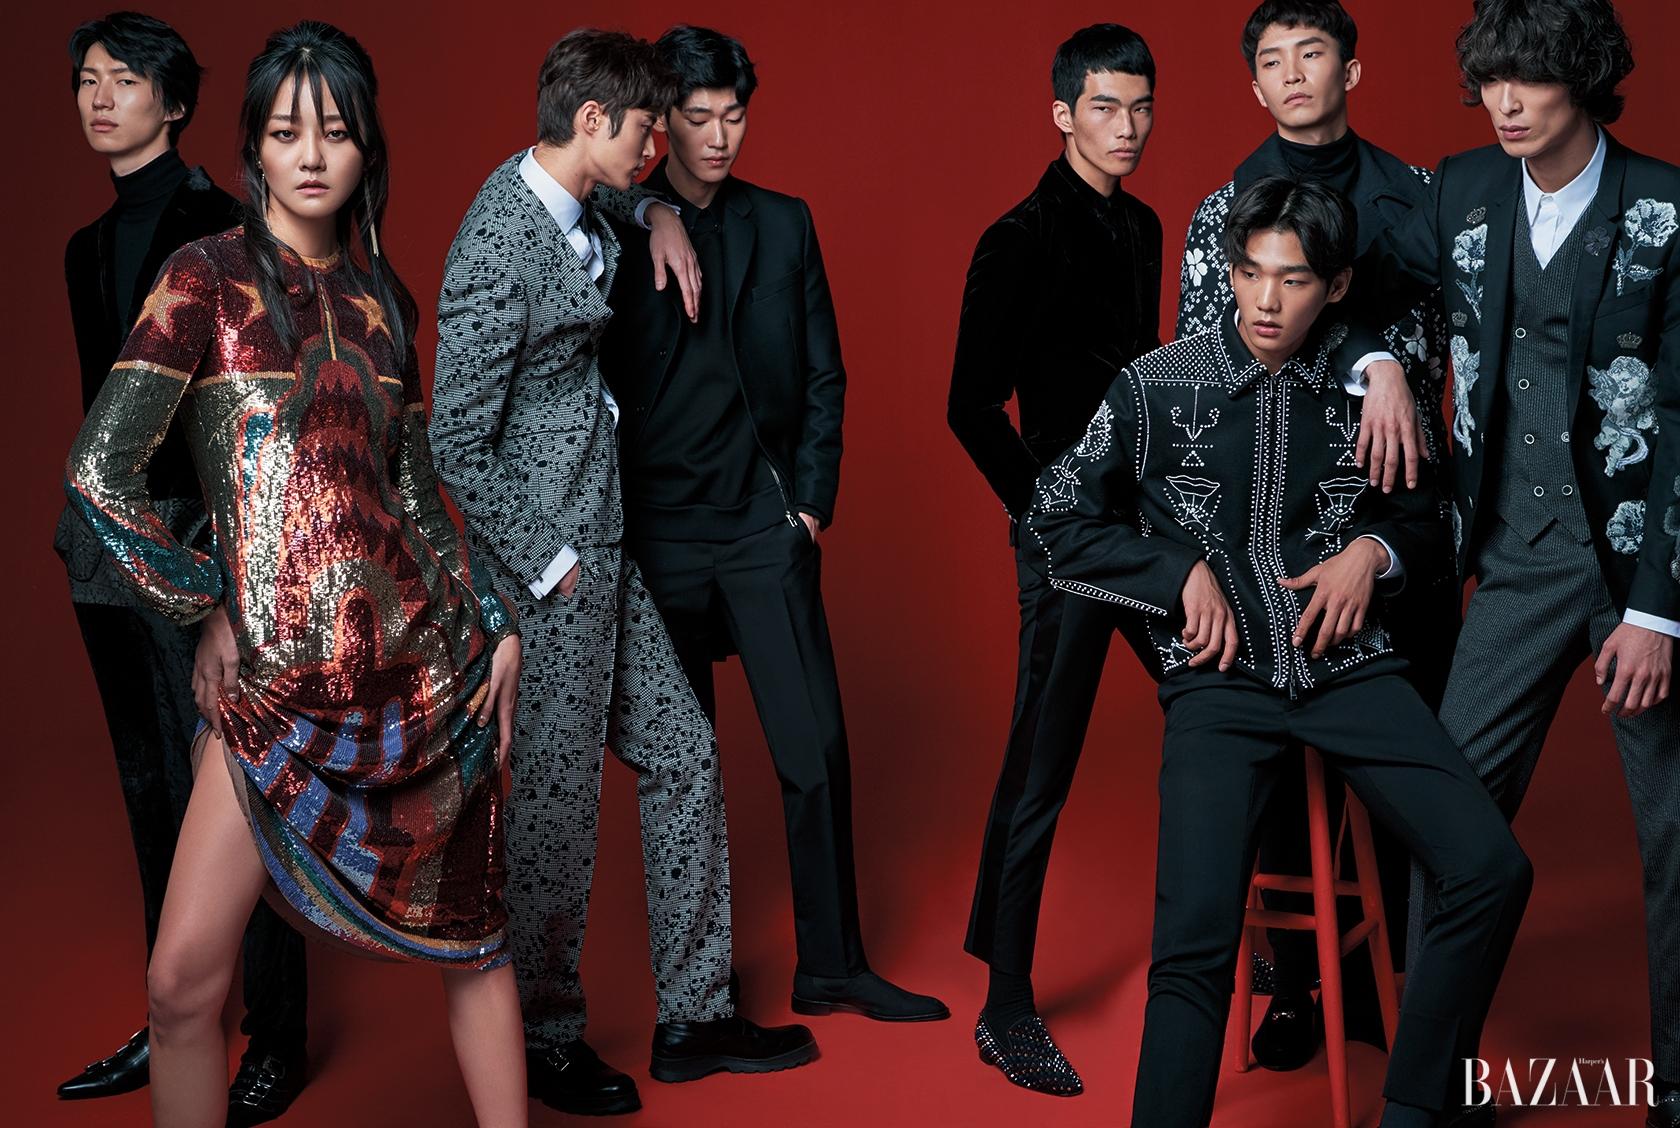 클래식한 실루엣에 담긴 장식적인 디테일. (왼쪽부터) 벨벳 수트는 3백27만원, 터틀넥은 1백22만원으로 모두 Etro, 버클 슈즈는 1백22만원으로 Gucci 제품. 시퀸 드레스는 2천6백만원대로 Valentino, 드롭 귀고리는 3만8천원으로 Mzuu 제품. 물감을 뿌린 듯한 패턴의 수트와 슈즈는 모두 Dior Homme, 셔츠, 보타이는 모두 Ralph Lauren 제품. 하프 코트, 집업 디테일의 스웨트셔츠, 이너로 매치한 셔츠, 팬츠, 첼시 부츠는 모두 Givenchy by Riccardo Tisci 제품. 벨벳 재킷, 벨벳 셔츠는 모두 Giorgio Armani, 턱시도 팬츠는 Alexander McQueen, 스터드 장식 로퍼는 Christian Louboutin 제품. 기하학적인 도트 패턴이 장식된 재킷은 5백80만원대, 팬츠는 가격 미정으로 모두 Valentino 제품. 도트와 플로럴 패턴 오버사이즈 코트는 Dsquared2, 터틀넥은 Andy & Debb, 팬츠는 Giorgio Armani, 벨벳 로퍼는 Giuseppe Zanotti 제품. 꽃과 천사가 장식된 재킷, 셔츠, 핀스트라이프 패턴 베스트, 팬츠는 모두 Dolce & Gabbana 제품.